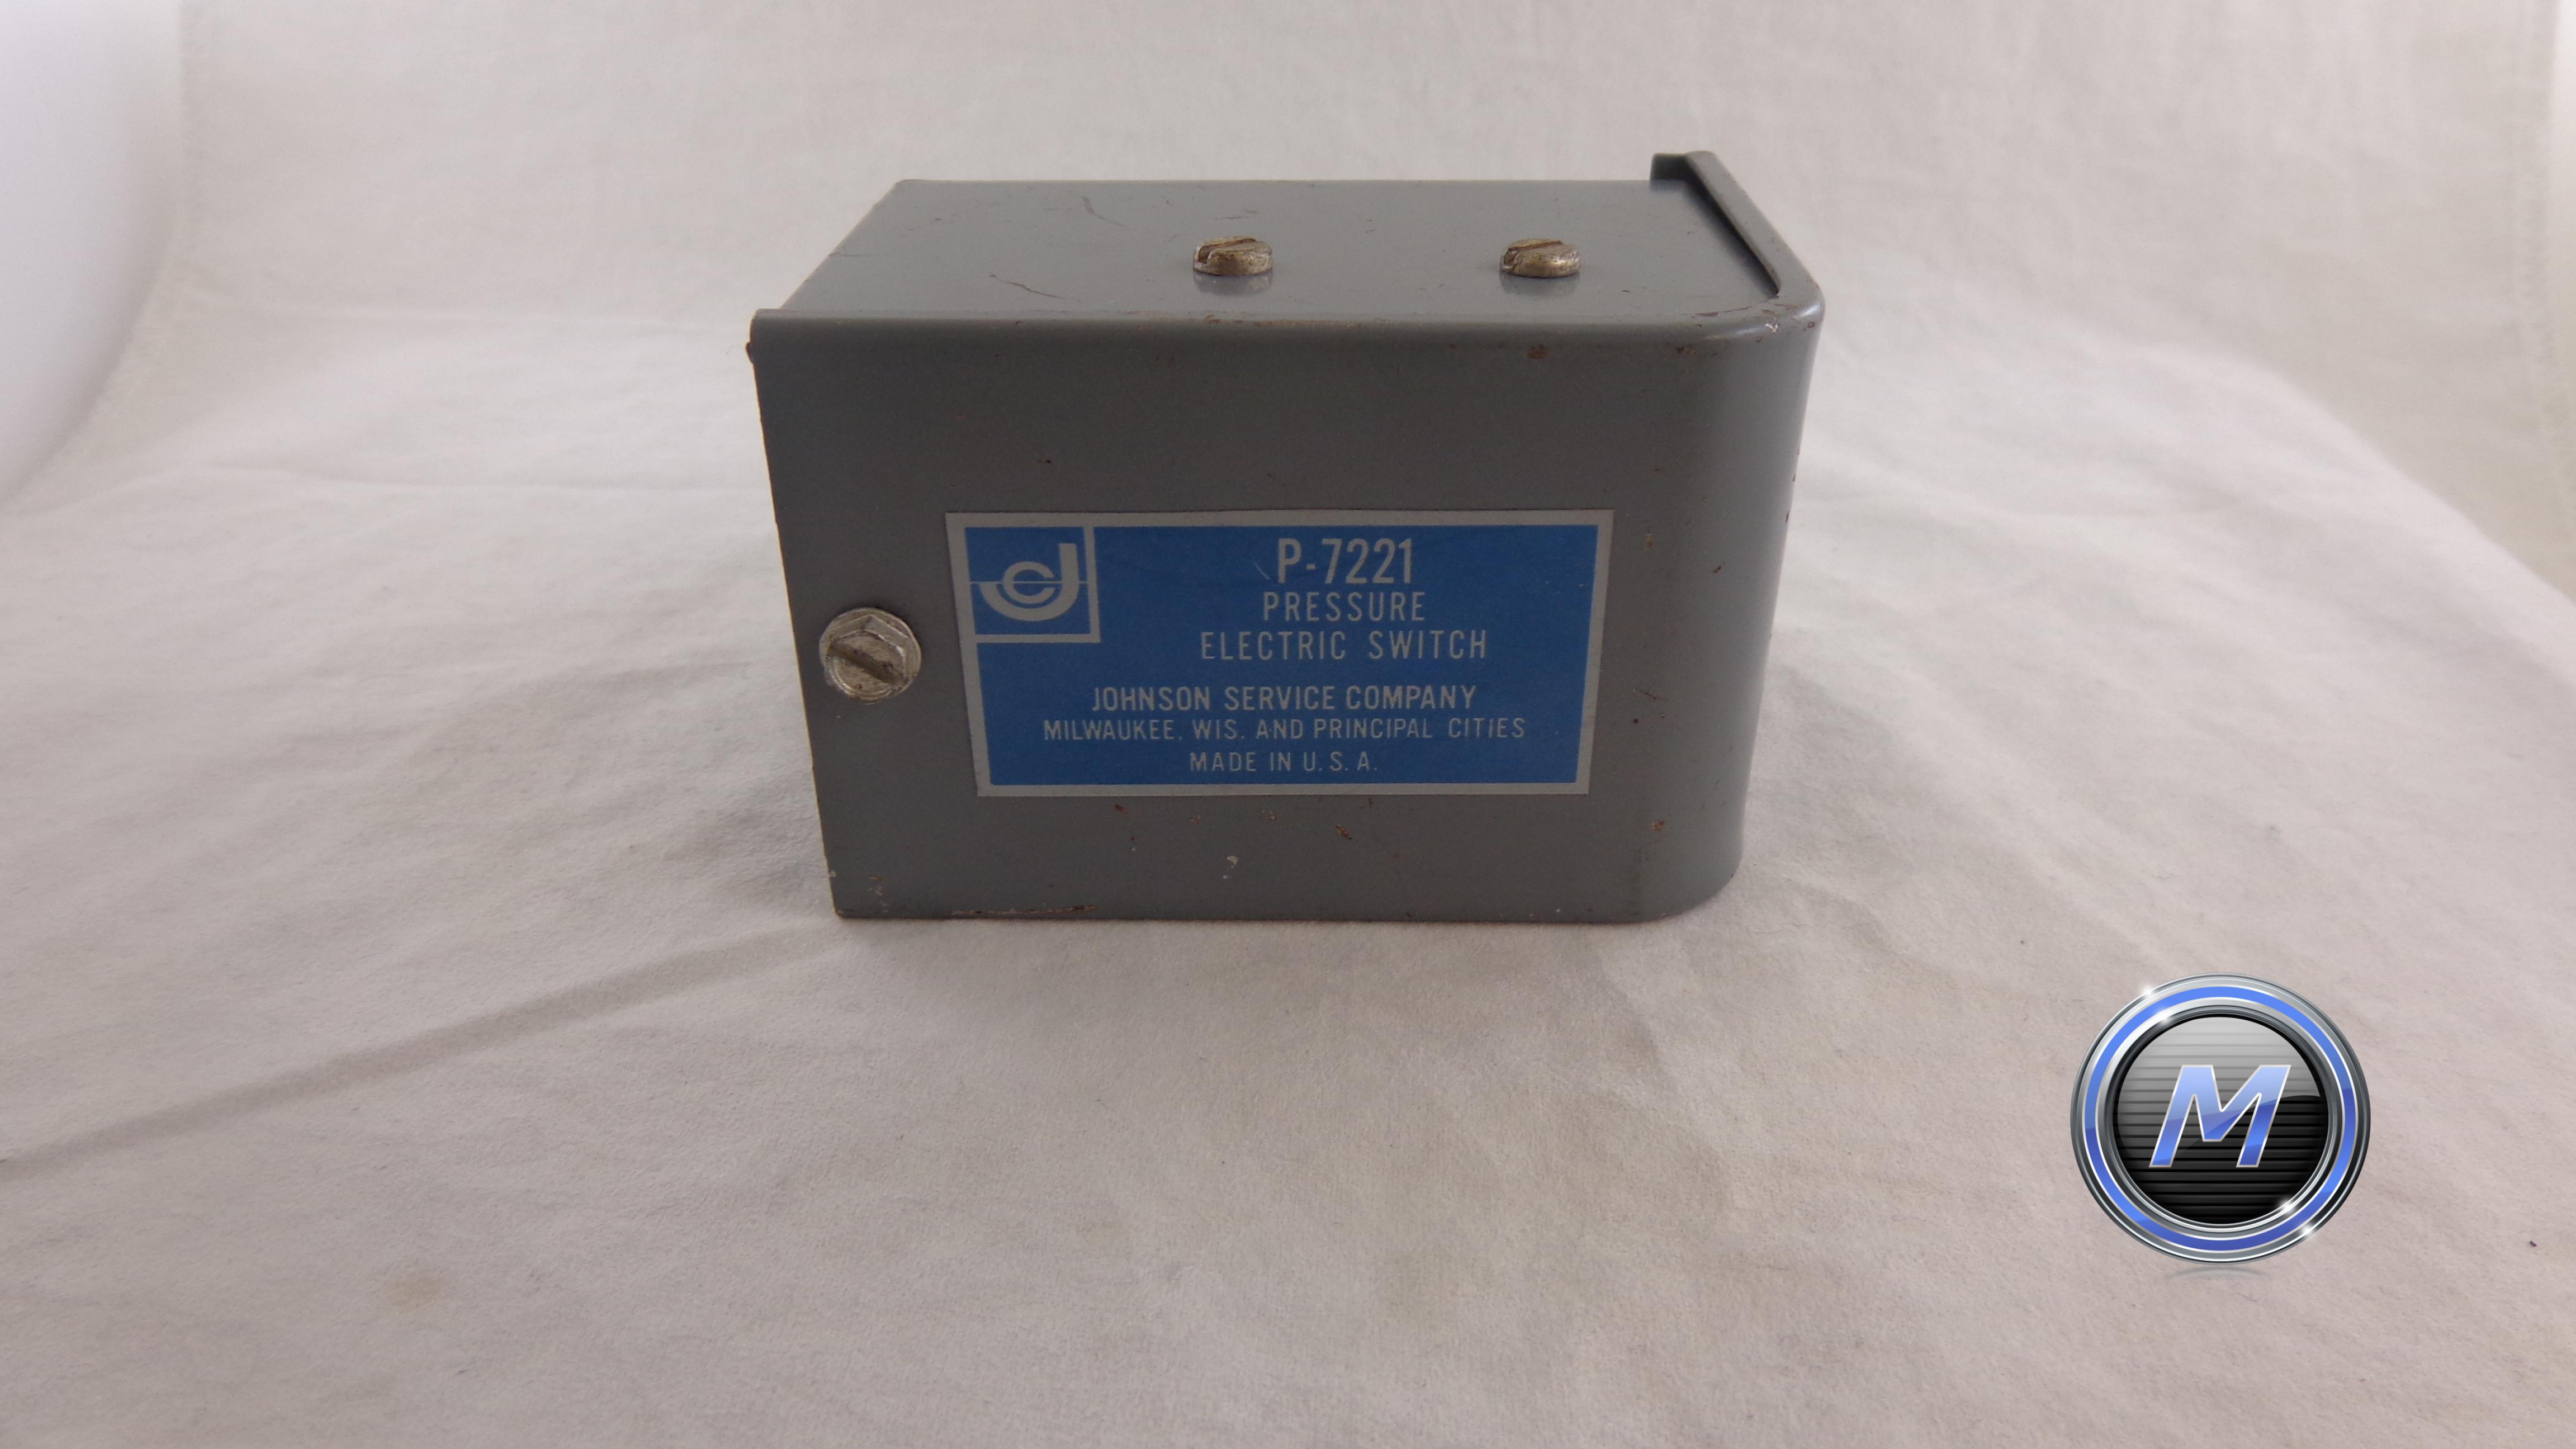 P-7221, JOHNSON SERVICE COMPANY PRESSURE ELECTRIC SWITCH, P-7221 ...